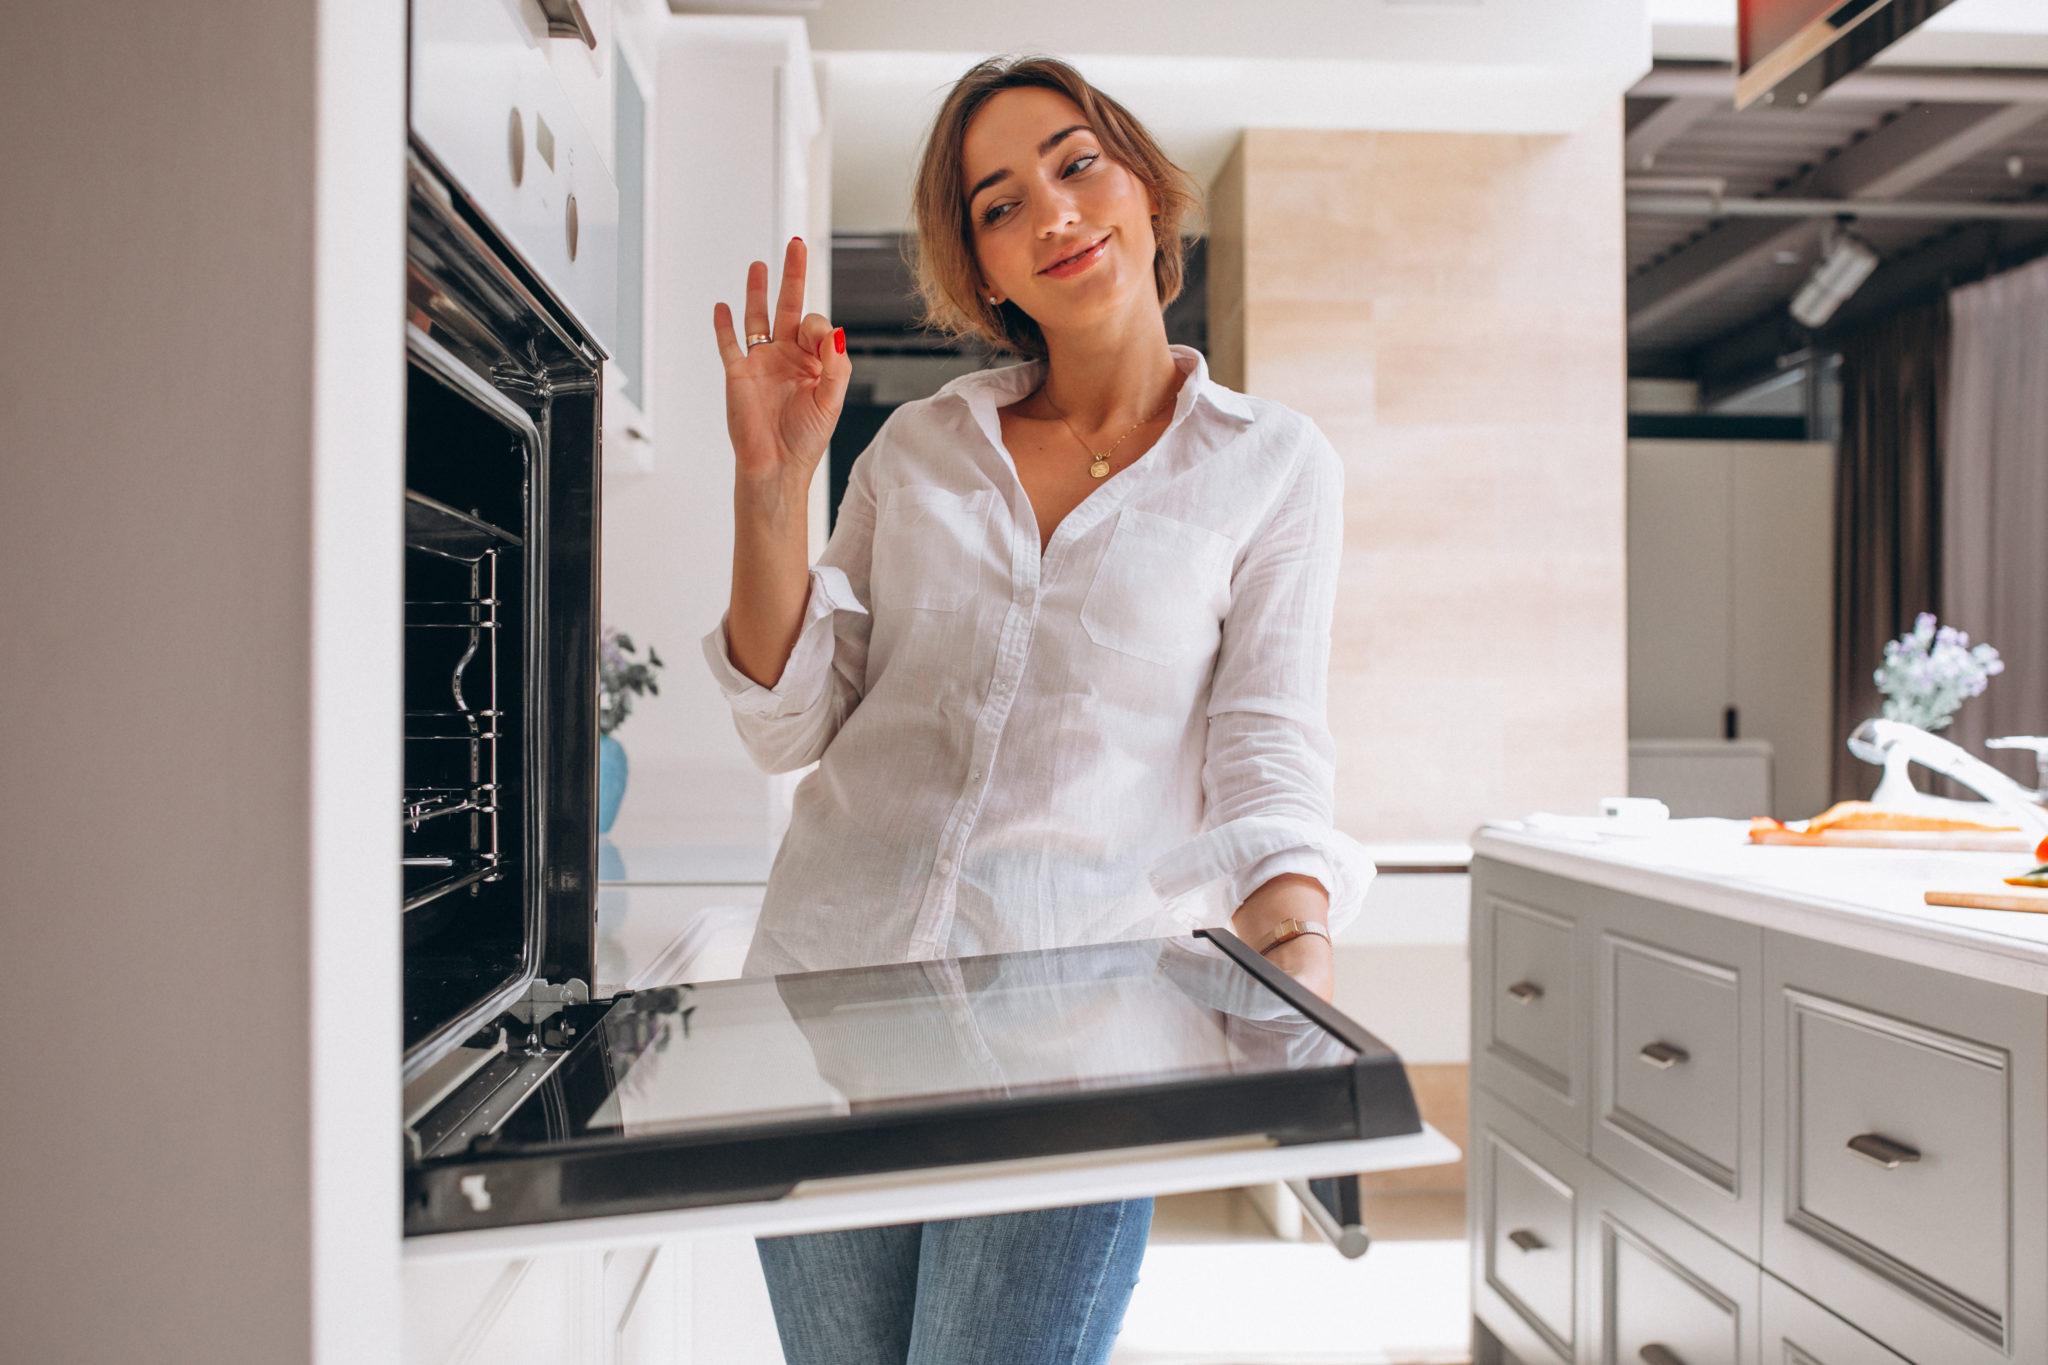 Mulher fazendo receitas com 3 ingredientes  xícara com merengue de café  Cookies de chocolate  pote com geleia de morango  Bolinha de queijo crocante  Pão com requeijão caseiro